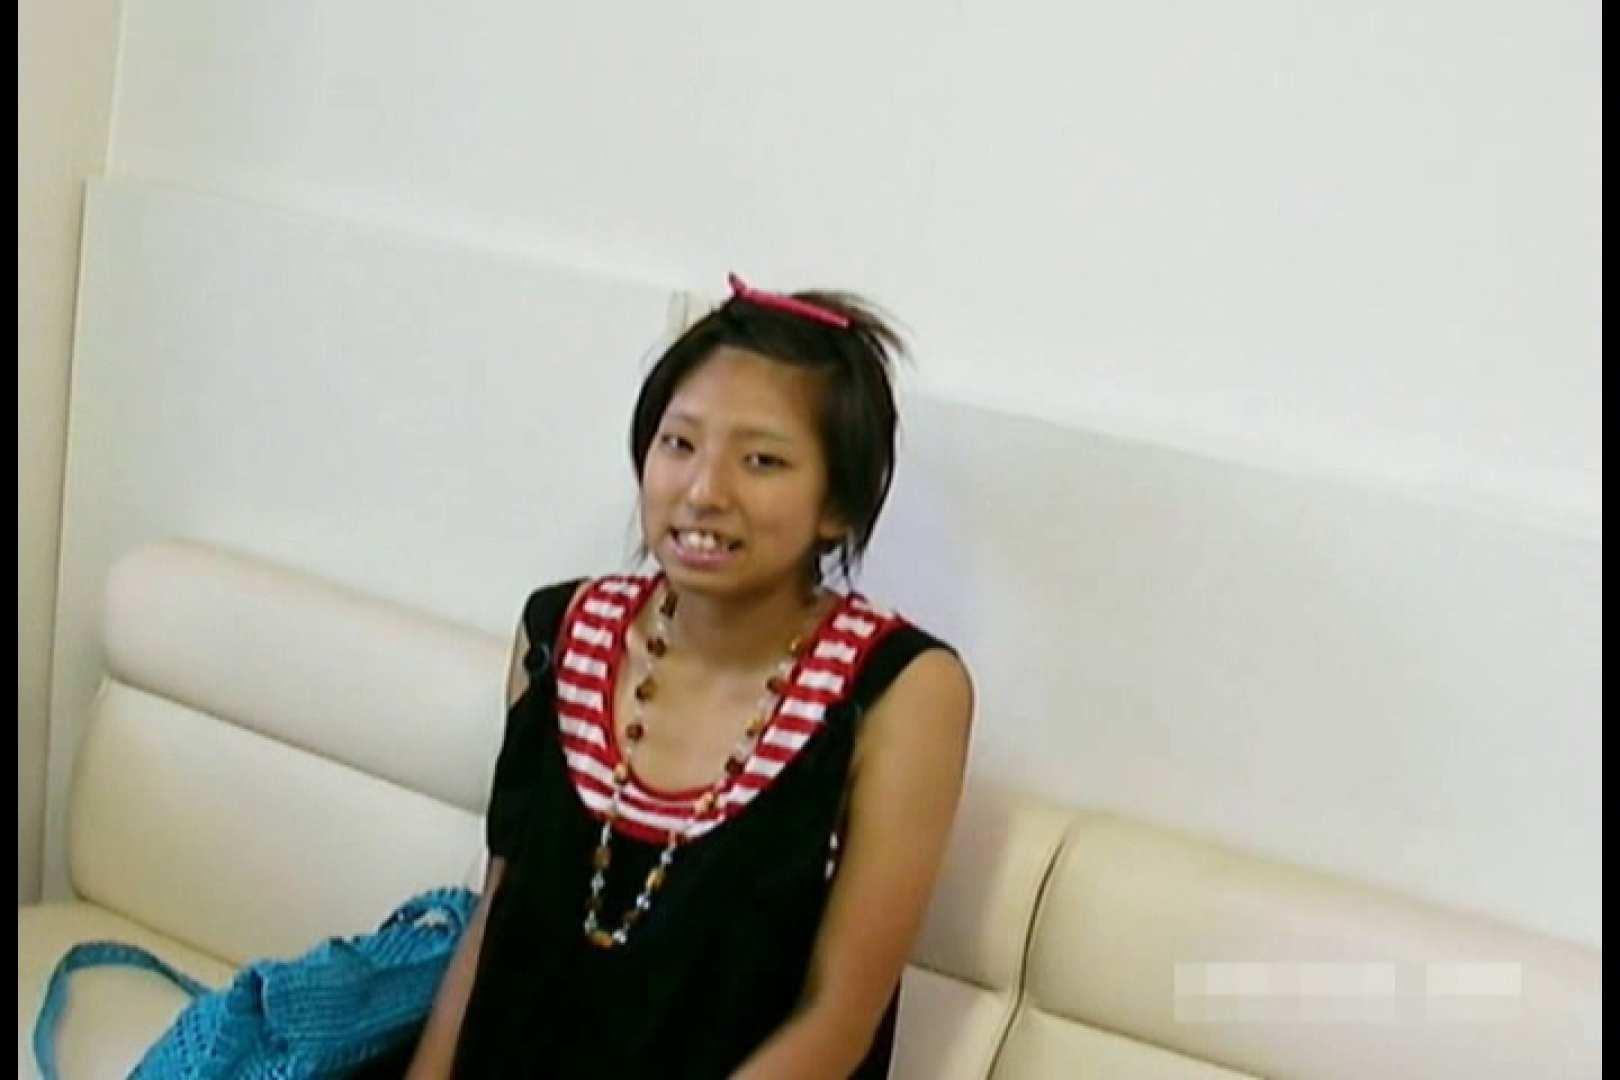 素人撮影 下着だけの撮影のはずが・・・エミちゃん18歳 可愛い乳首 すけべAV動画紹介 107pic 5